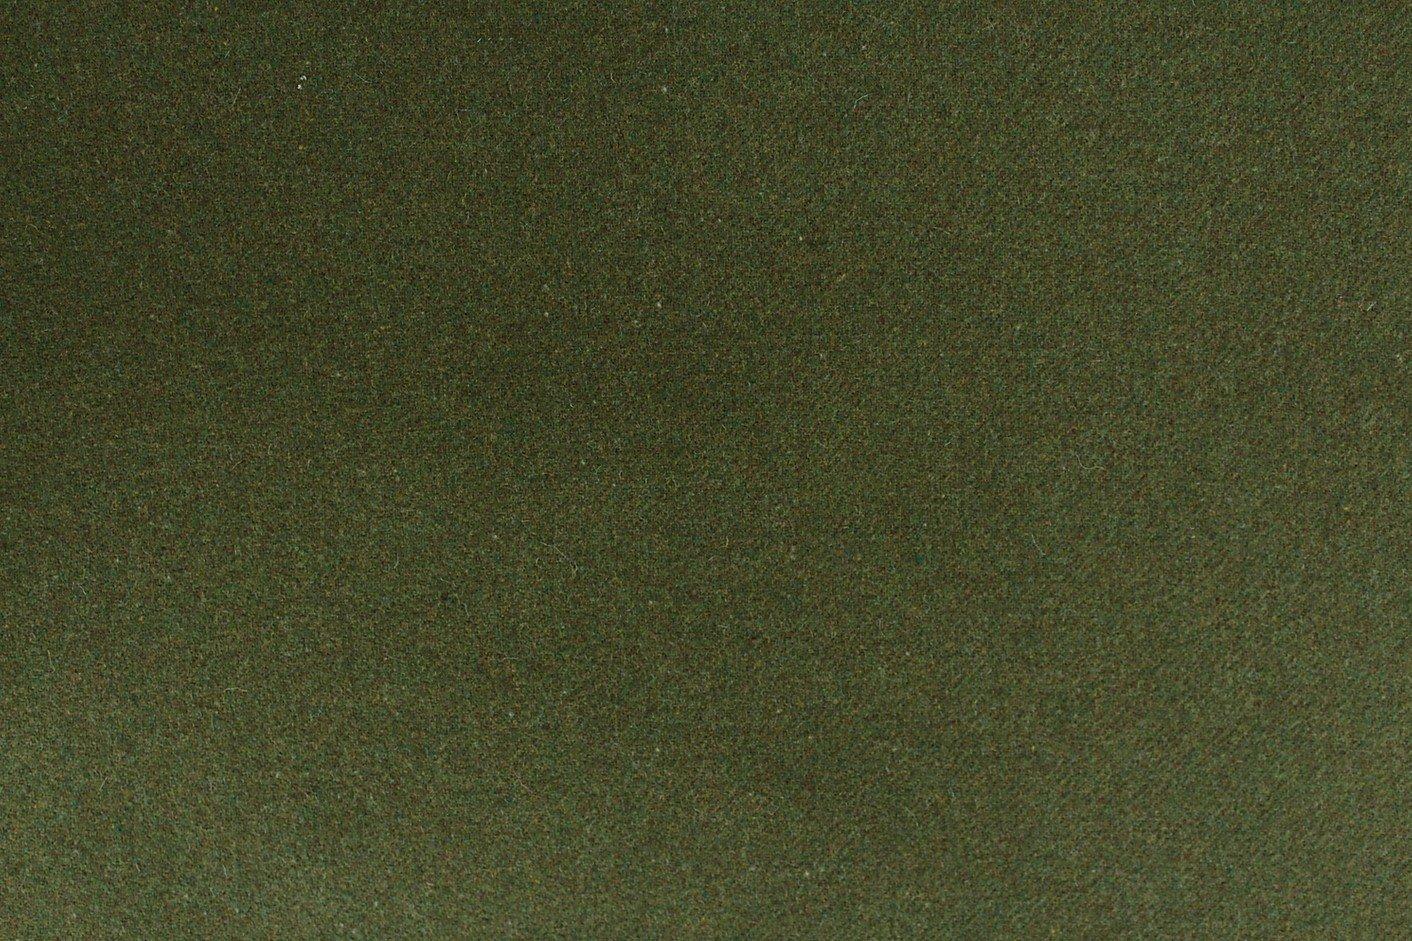 Alfalfa Green 100% Wool 18 X 21